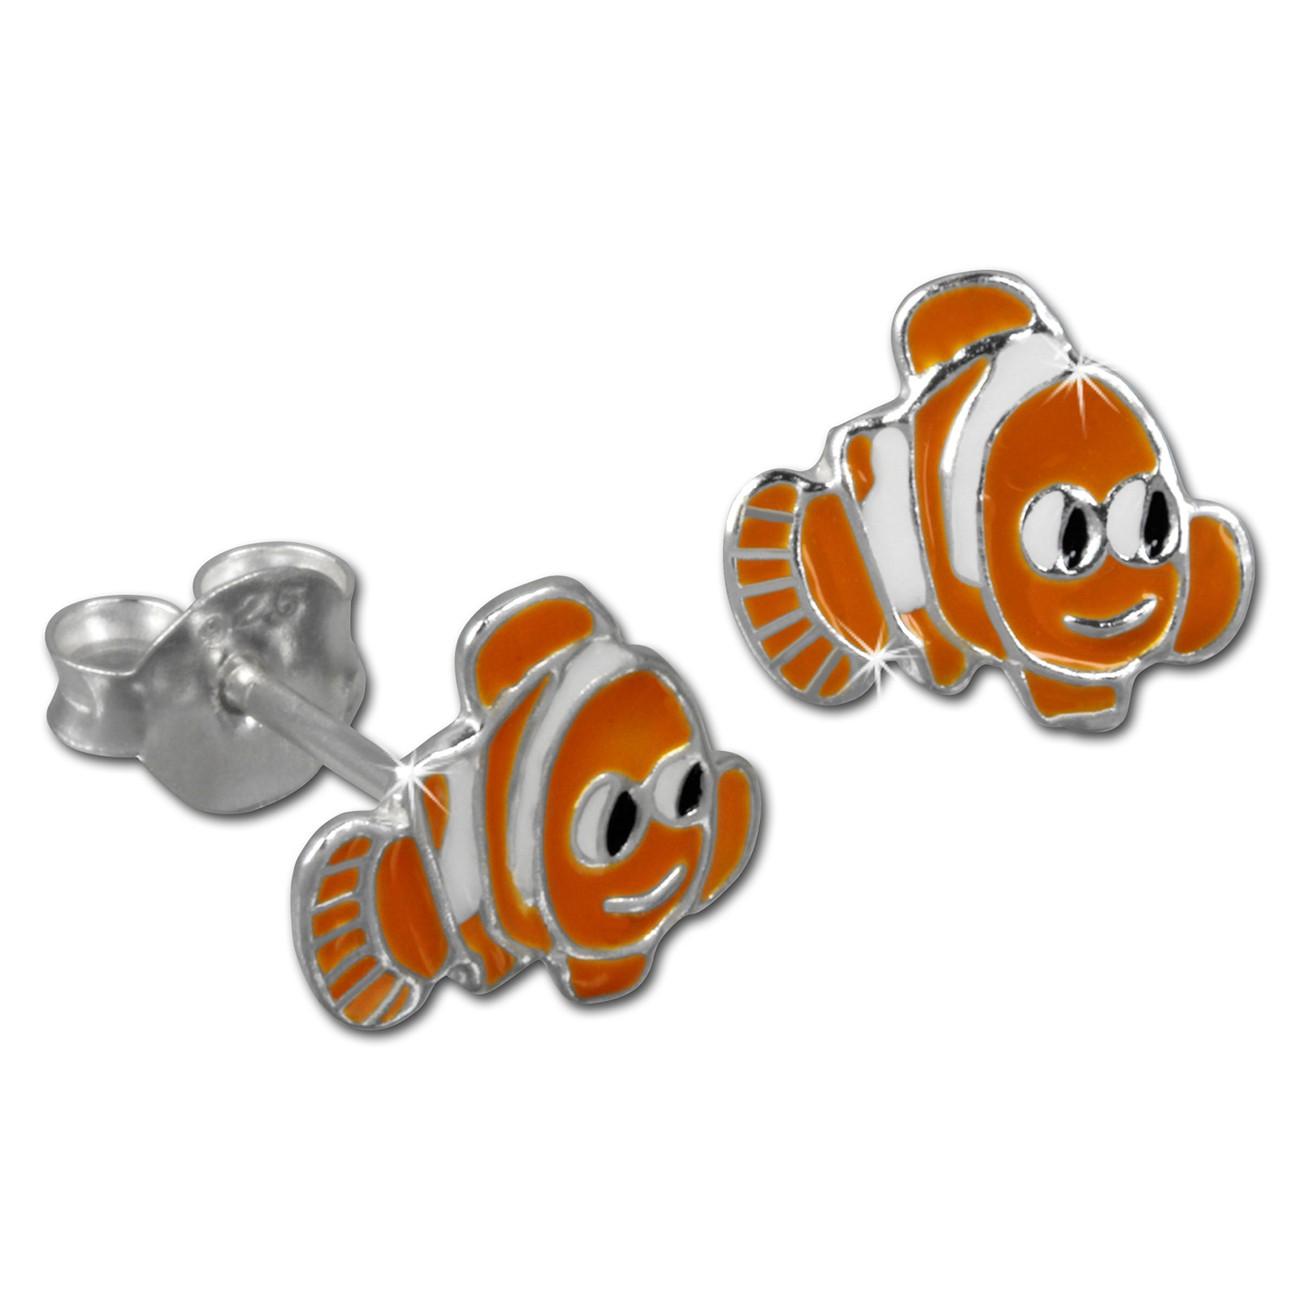 Kinder Ohrring Fisch orange Silber Ohrstecker Kinderschmuck TW SDO8113O